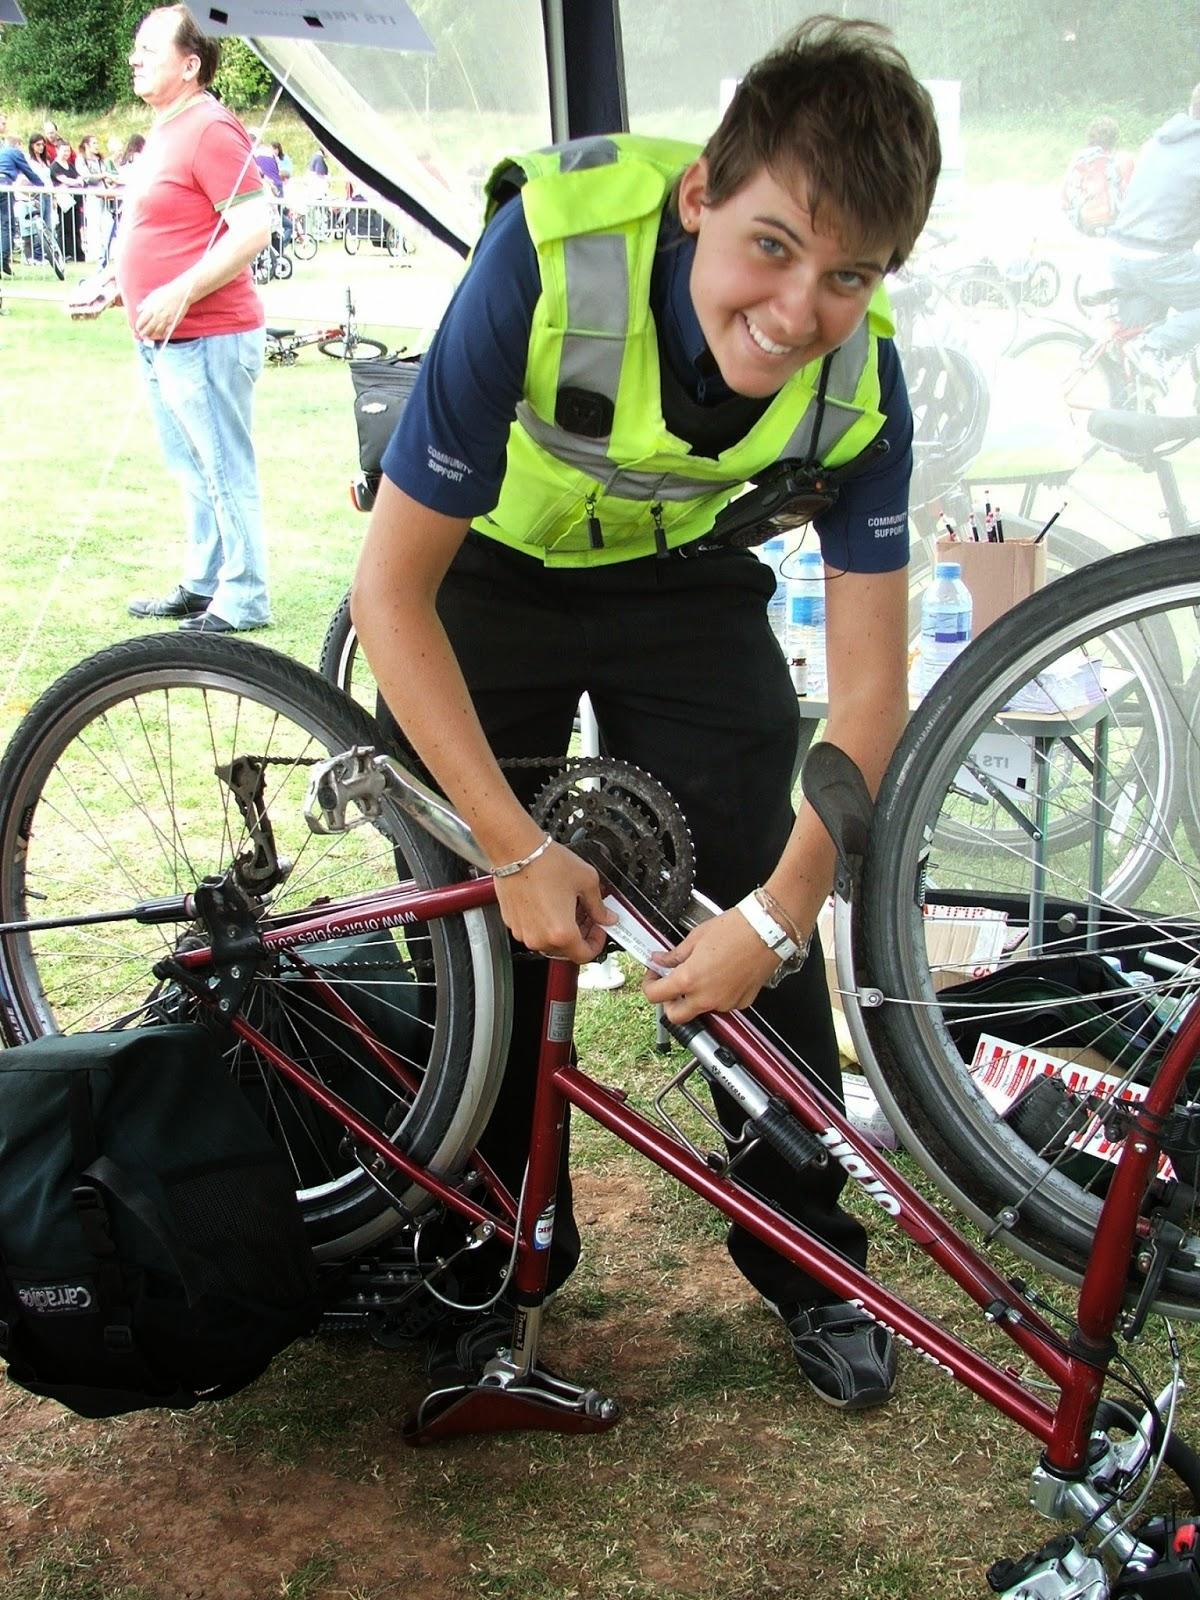 Bike marking and registration